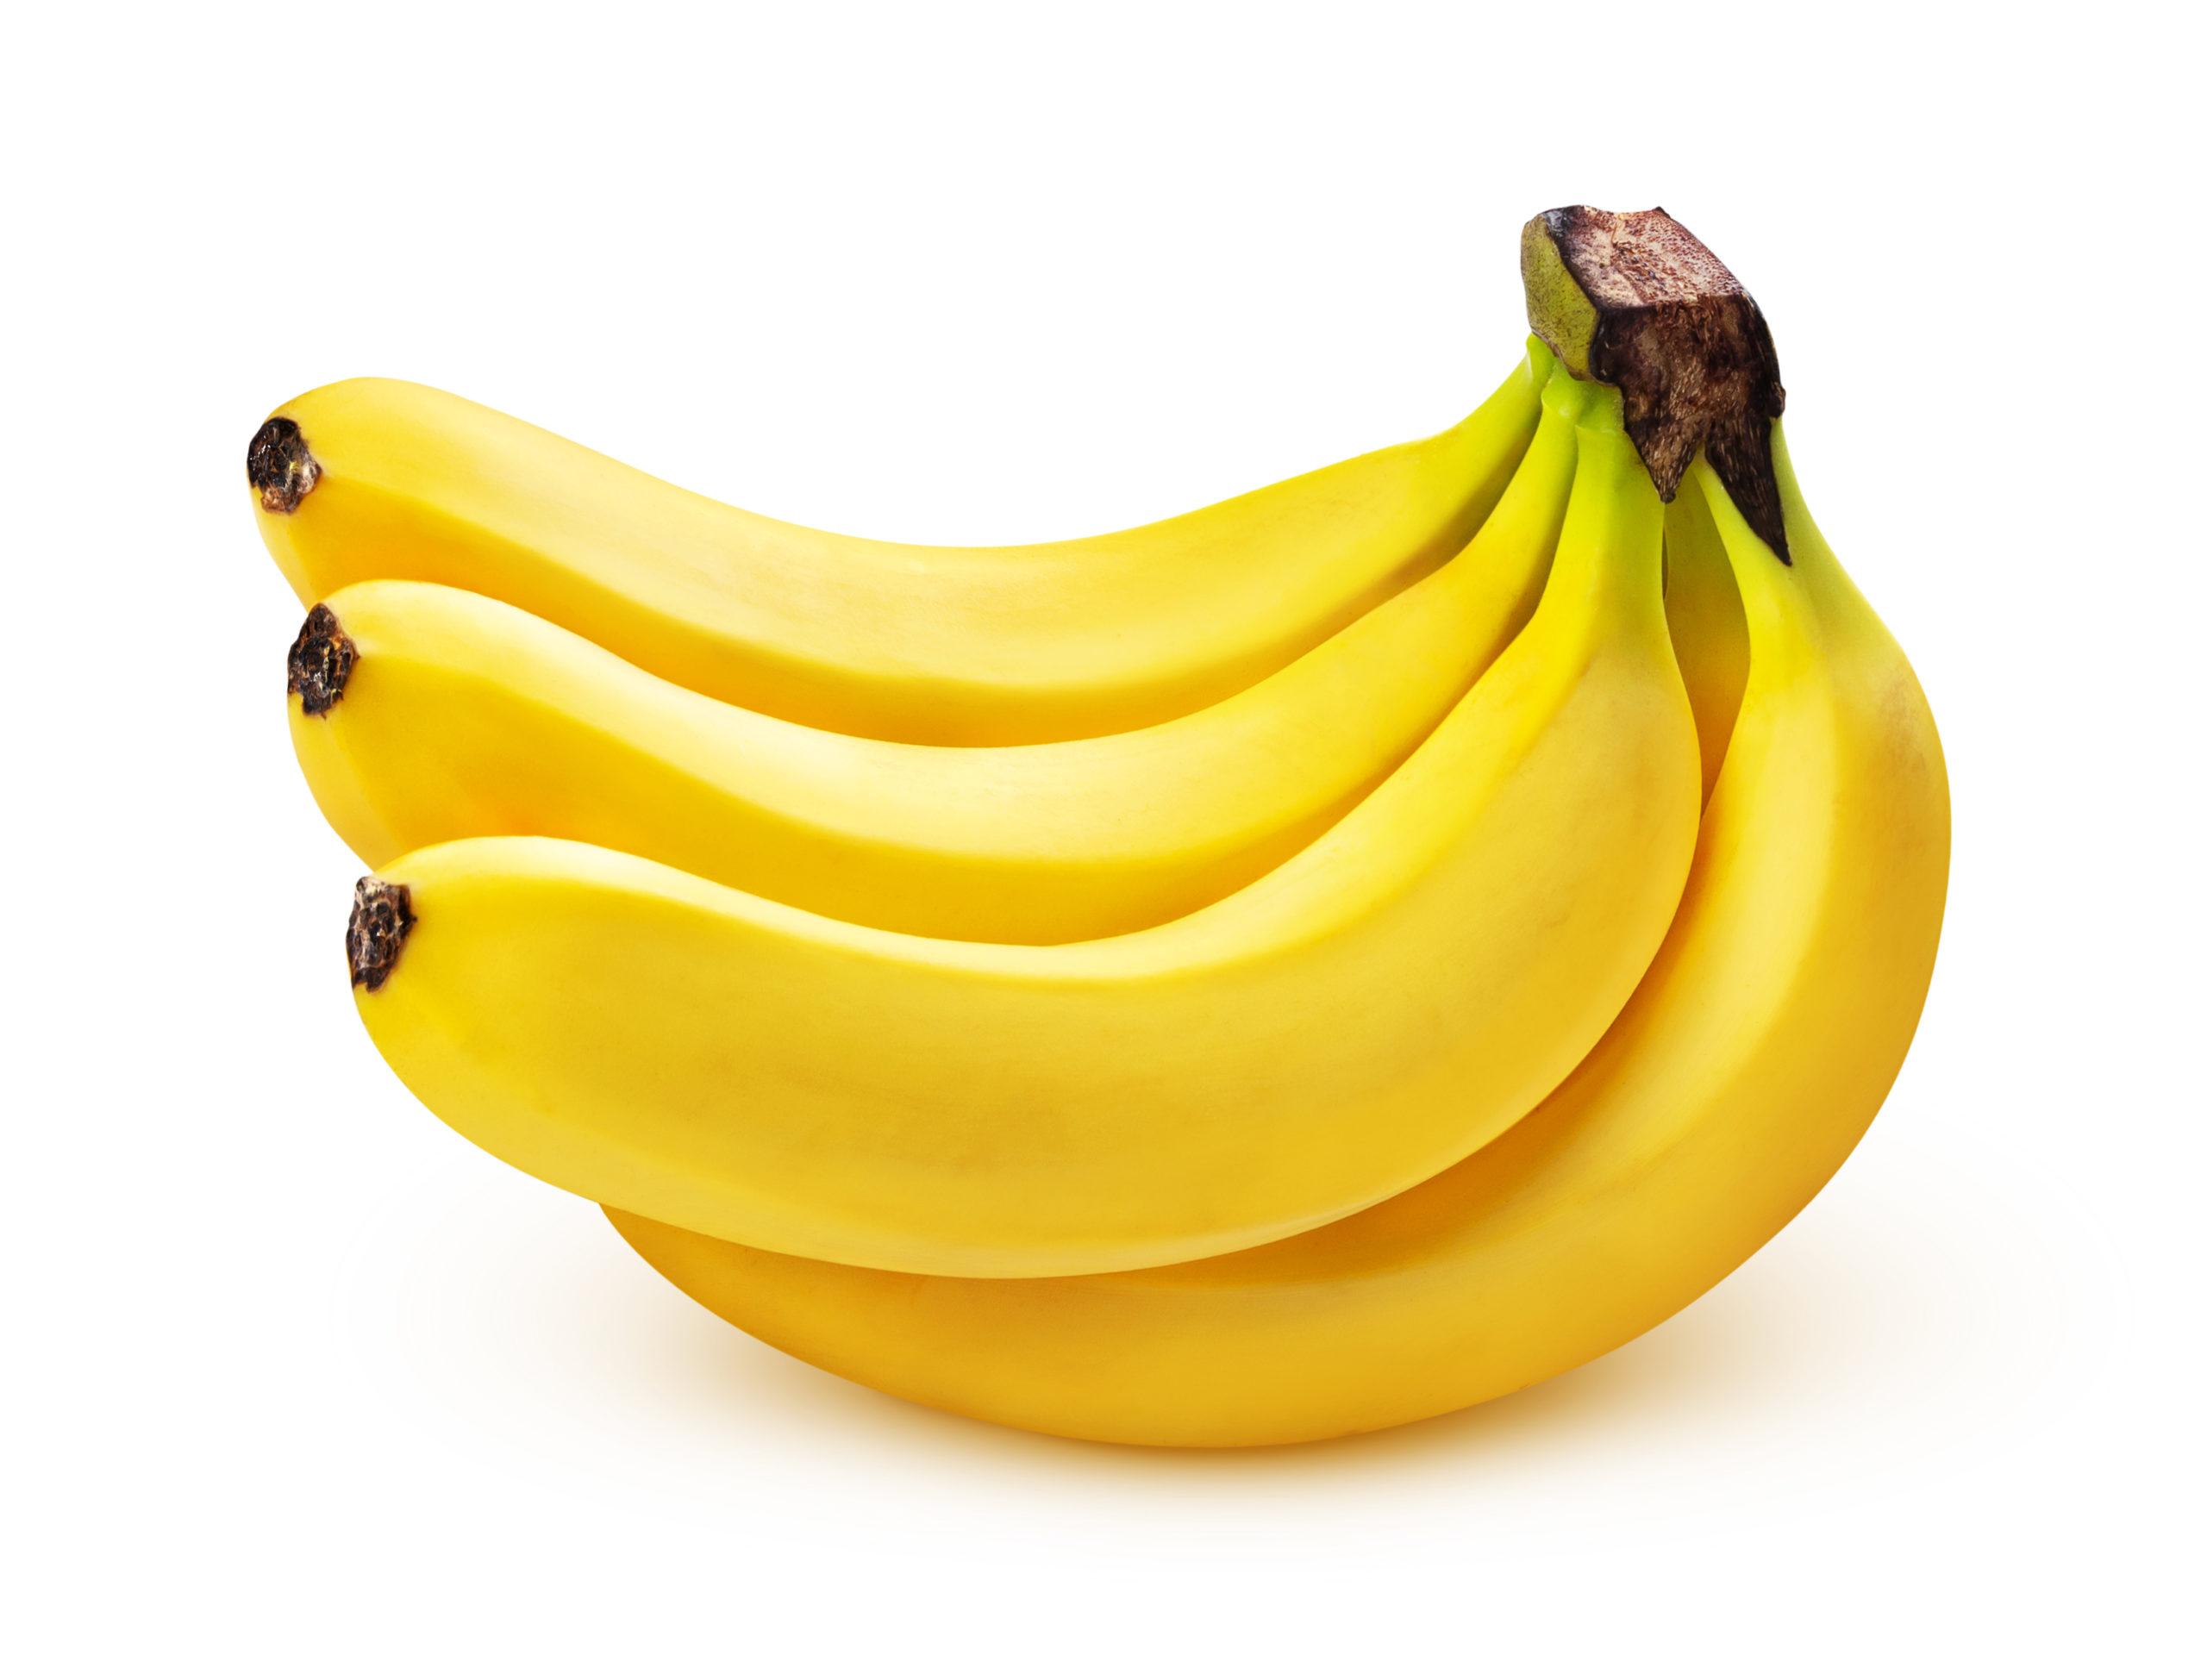 ネコはバナナを食べても大丈夫?